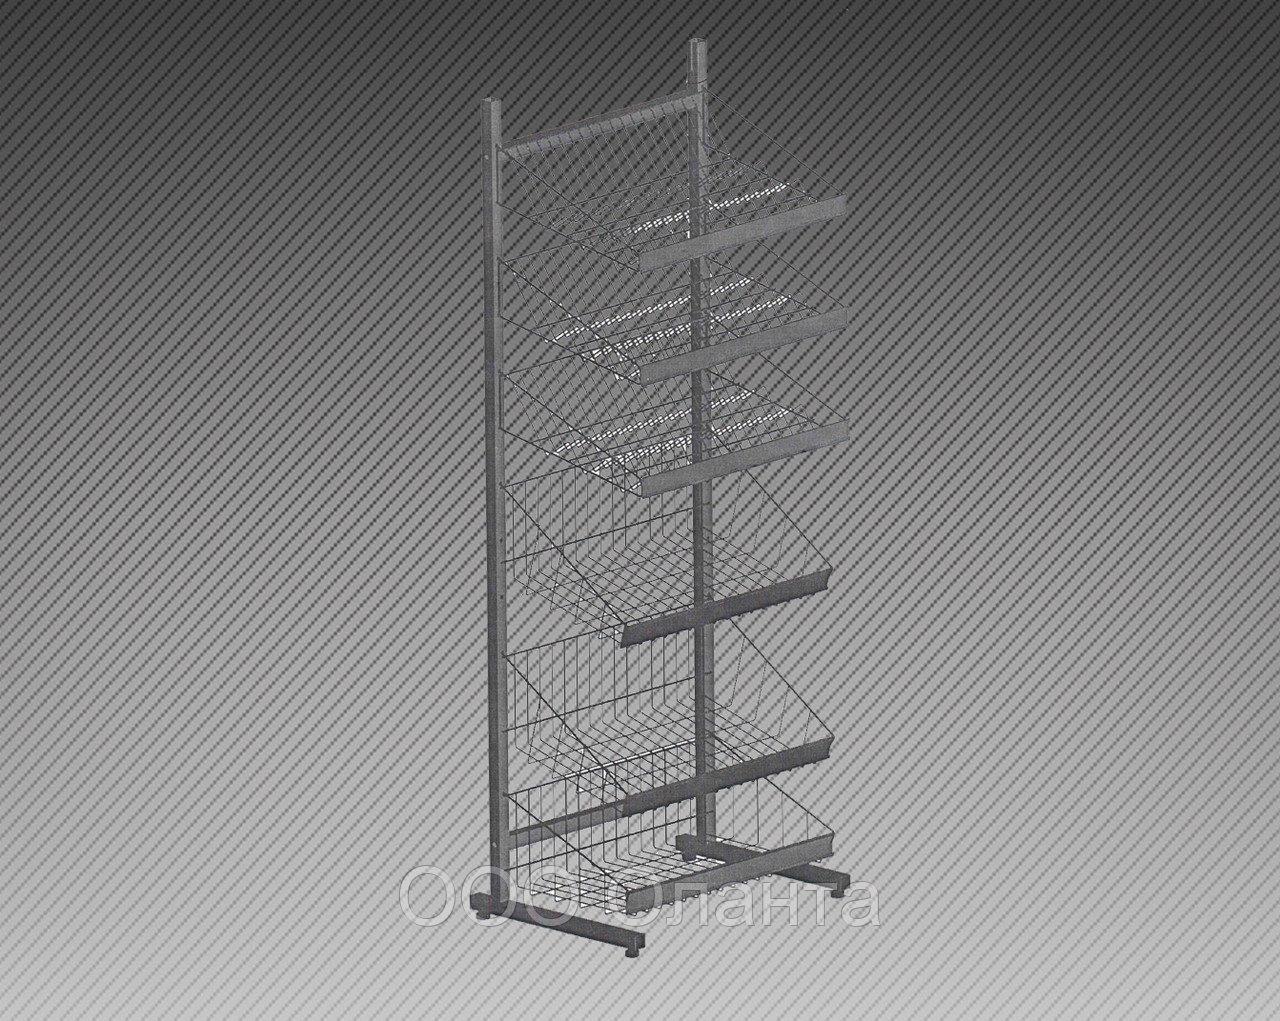 Прикассовая стойка на 6 корзин и 6 полок под шоколад (800х800х1450 мм) арт. СтПр86